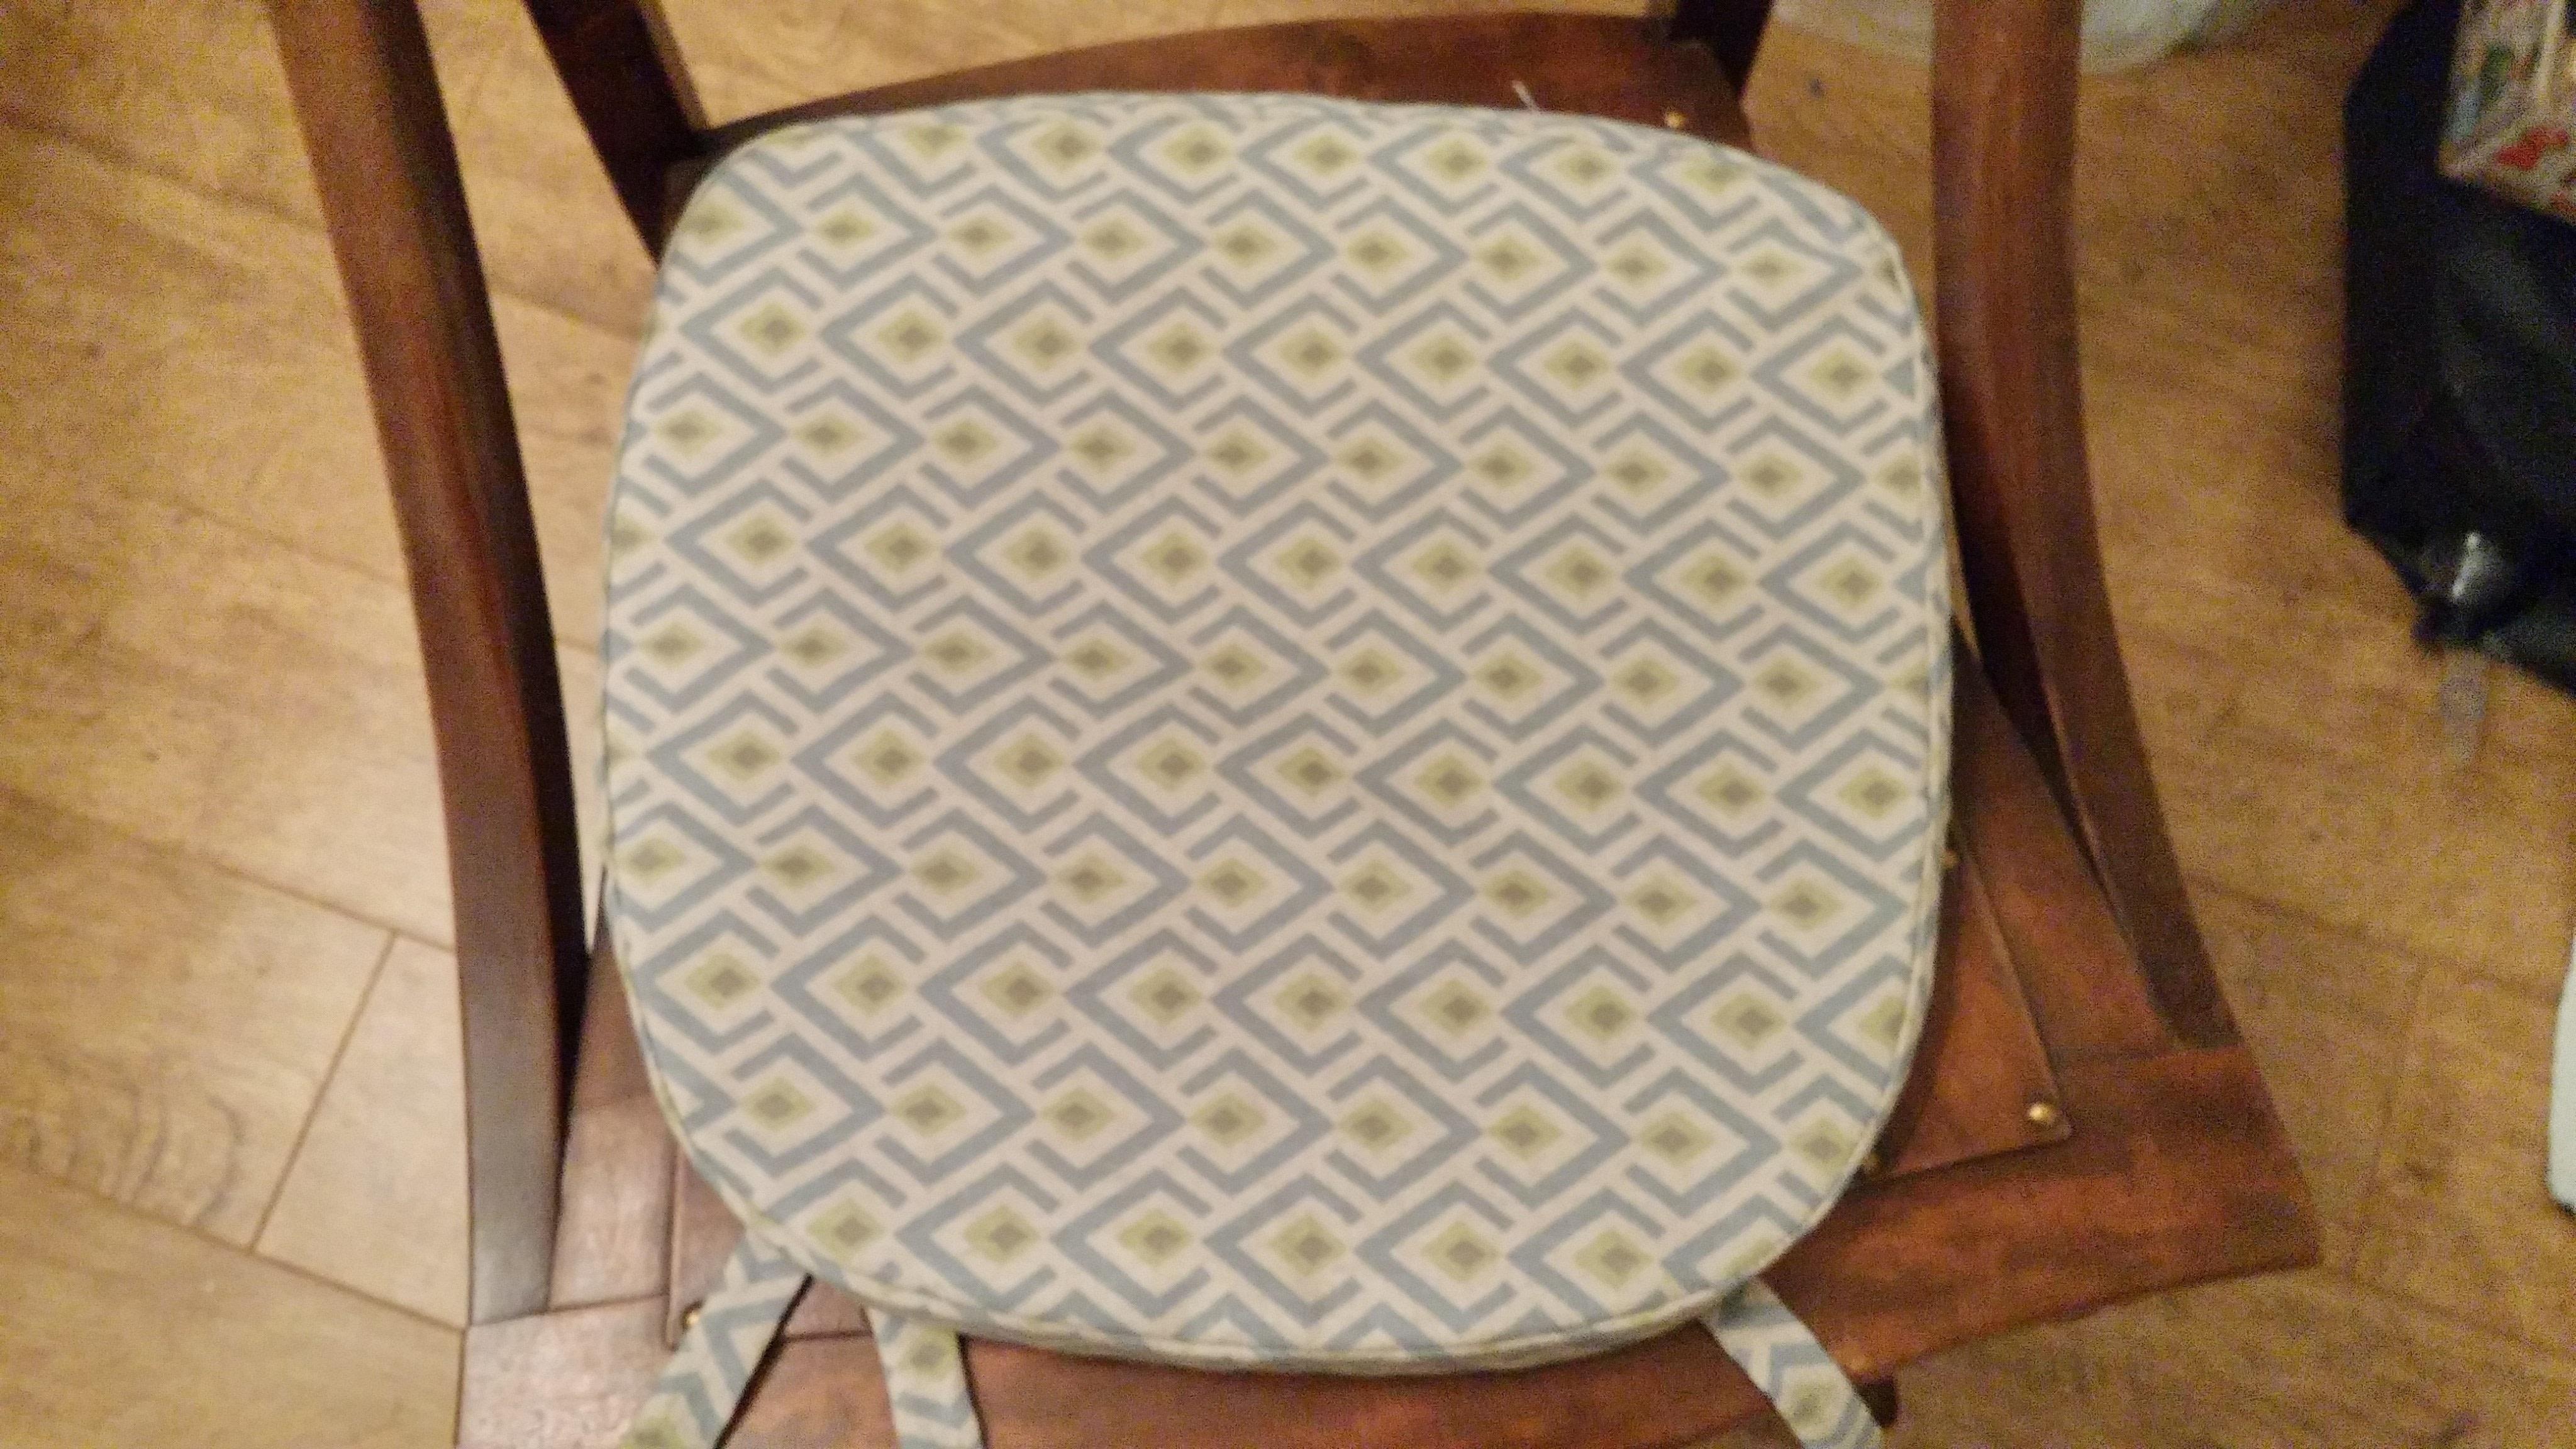 Rocking Chair Cushion Cover 183 How To Make A Cushion